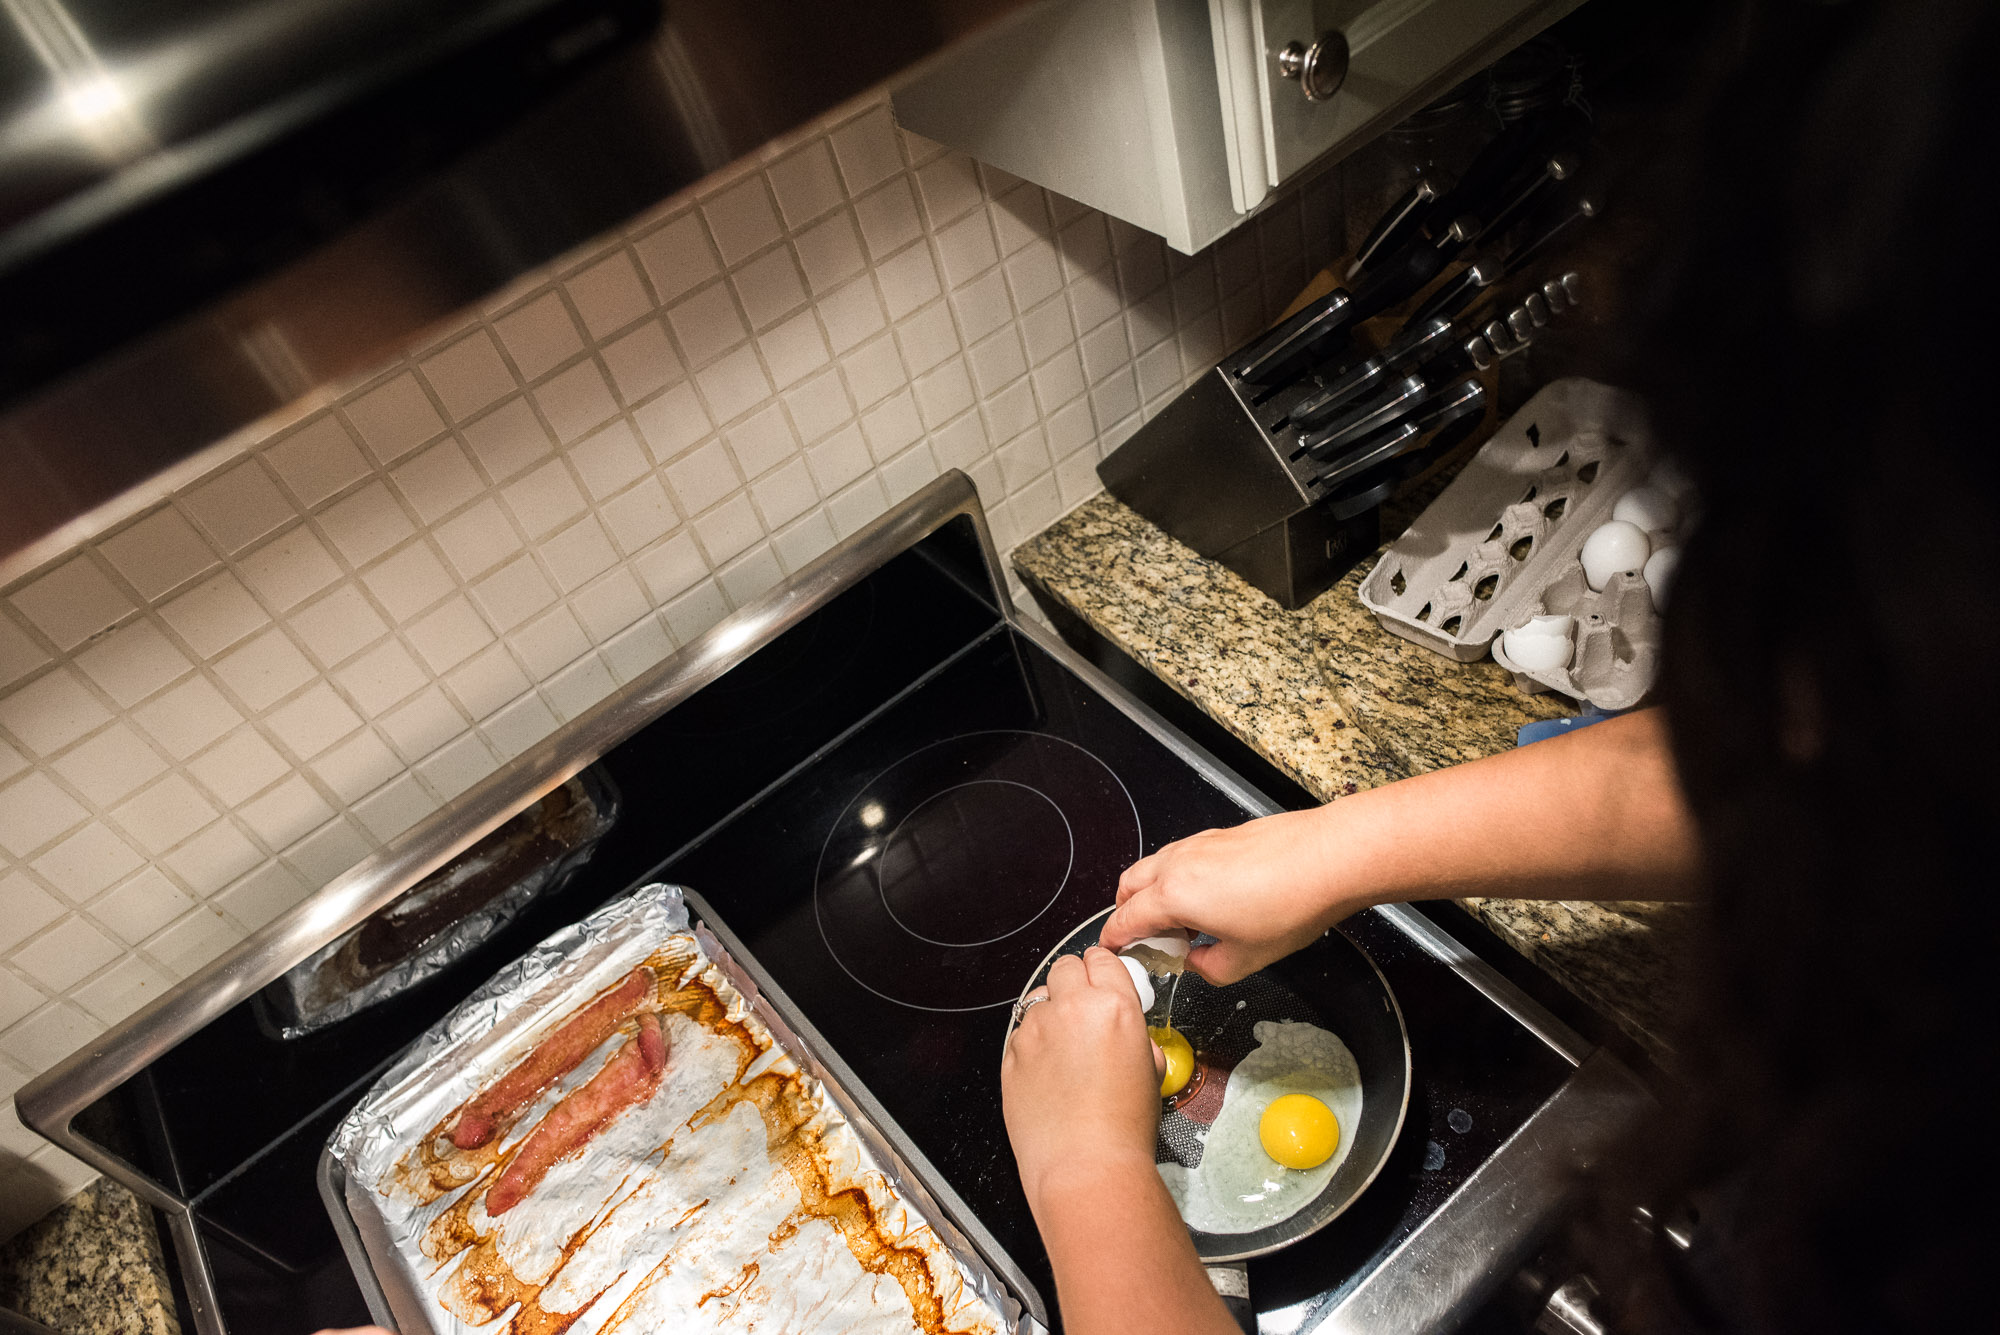 mom cracks eggs over a pan for breakfast